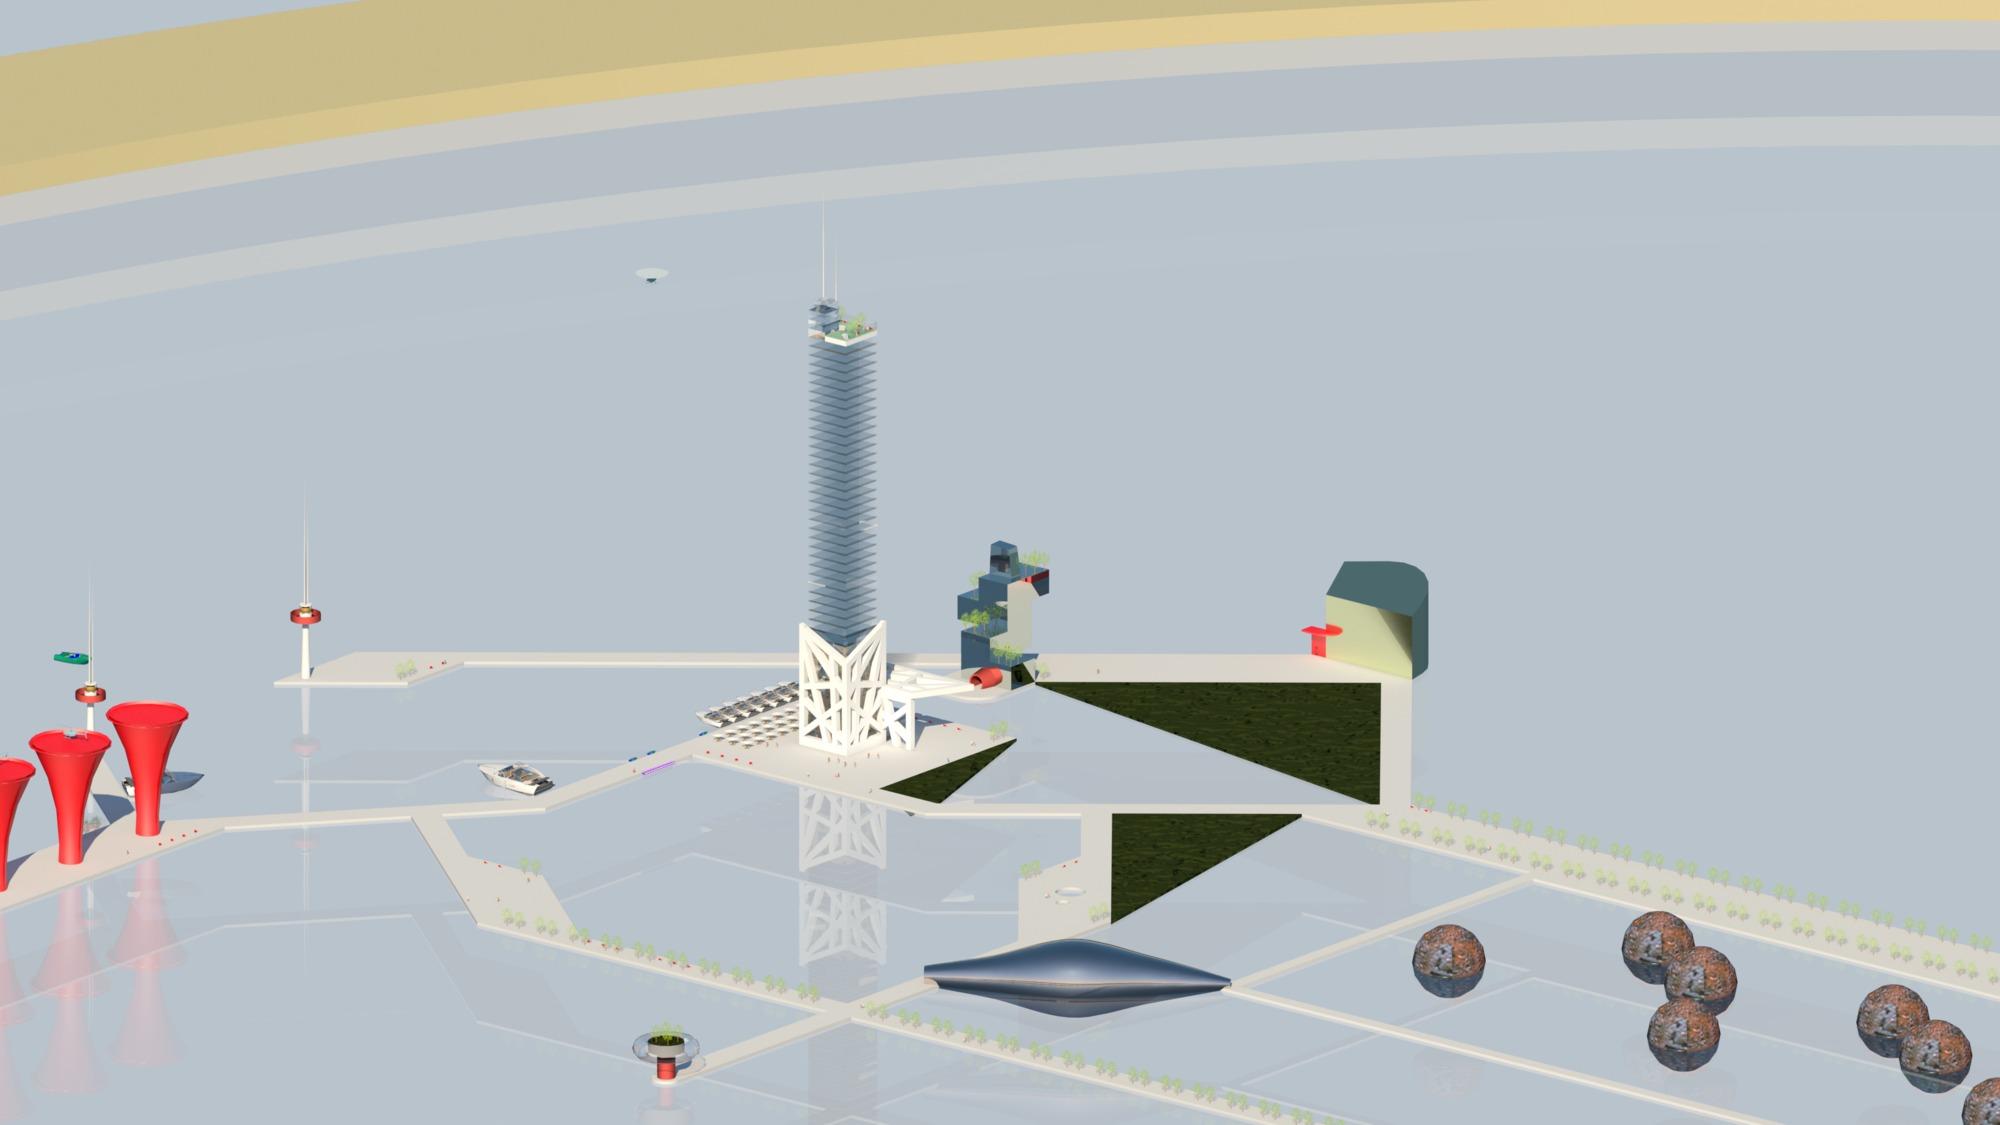 Raas-rendering20150206-18426-zs4sg2